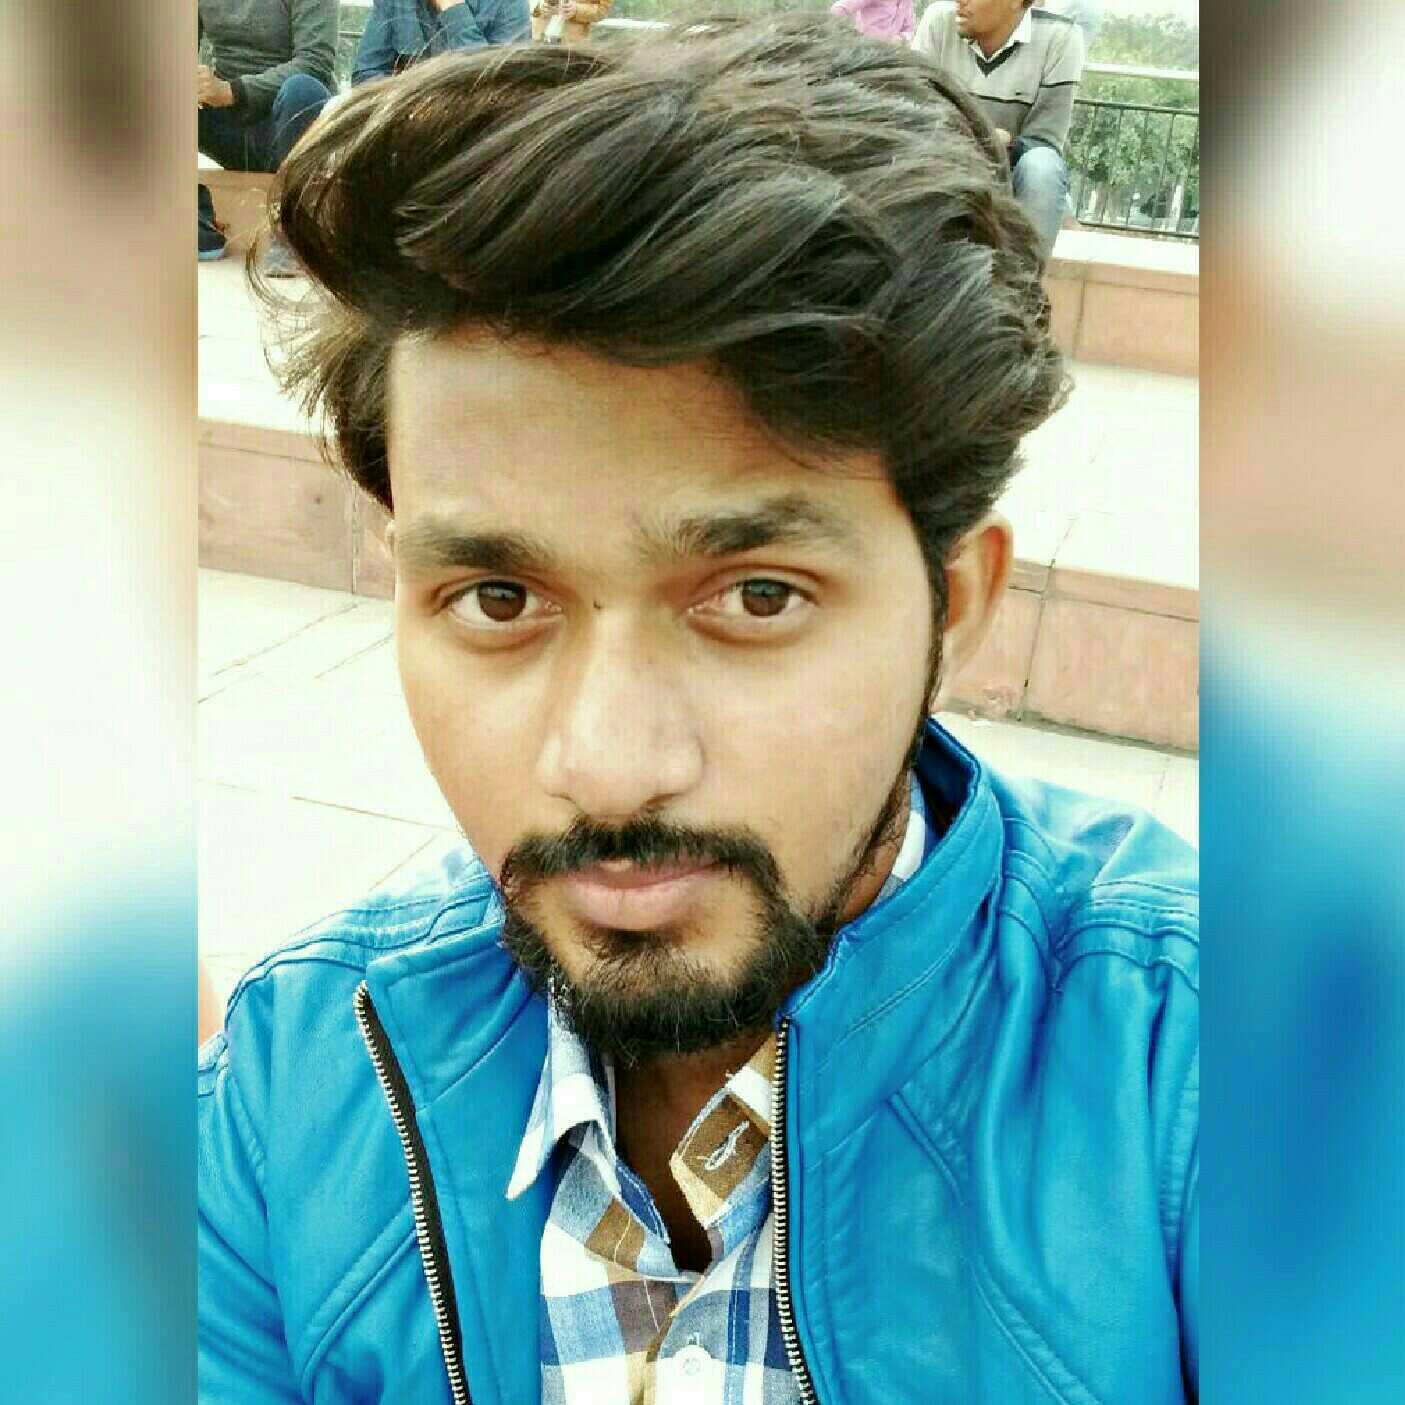 Sandeep Jaiswal हाल-ऐ-दिल बयान करने बैठे अगर तो  कलम को कागज़ों से प्यार हो जाएगा